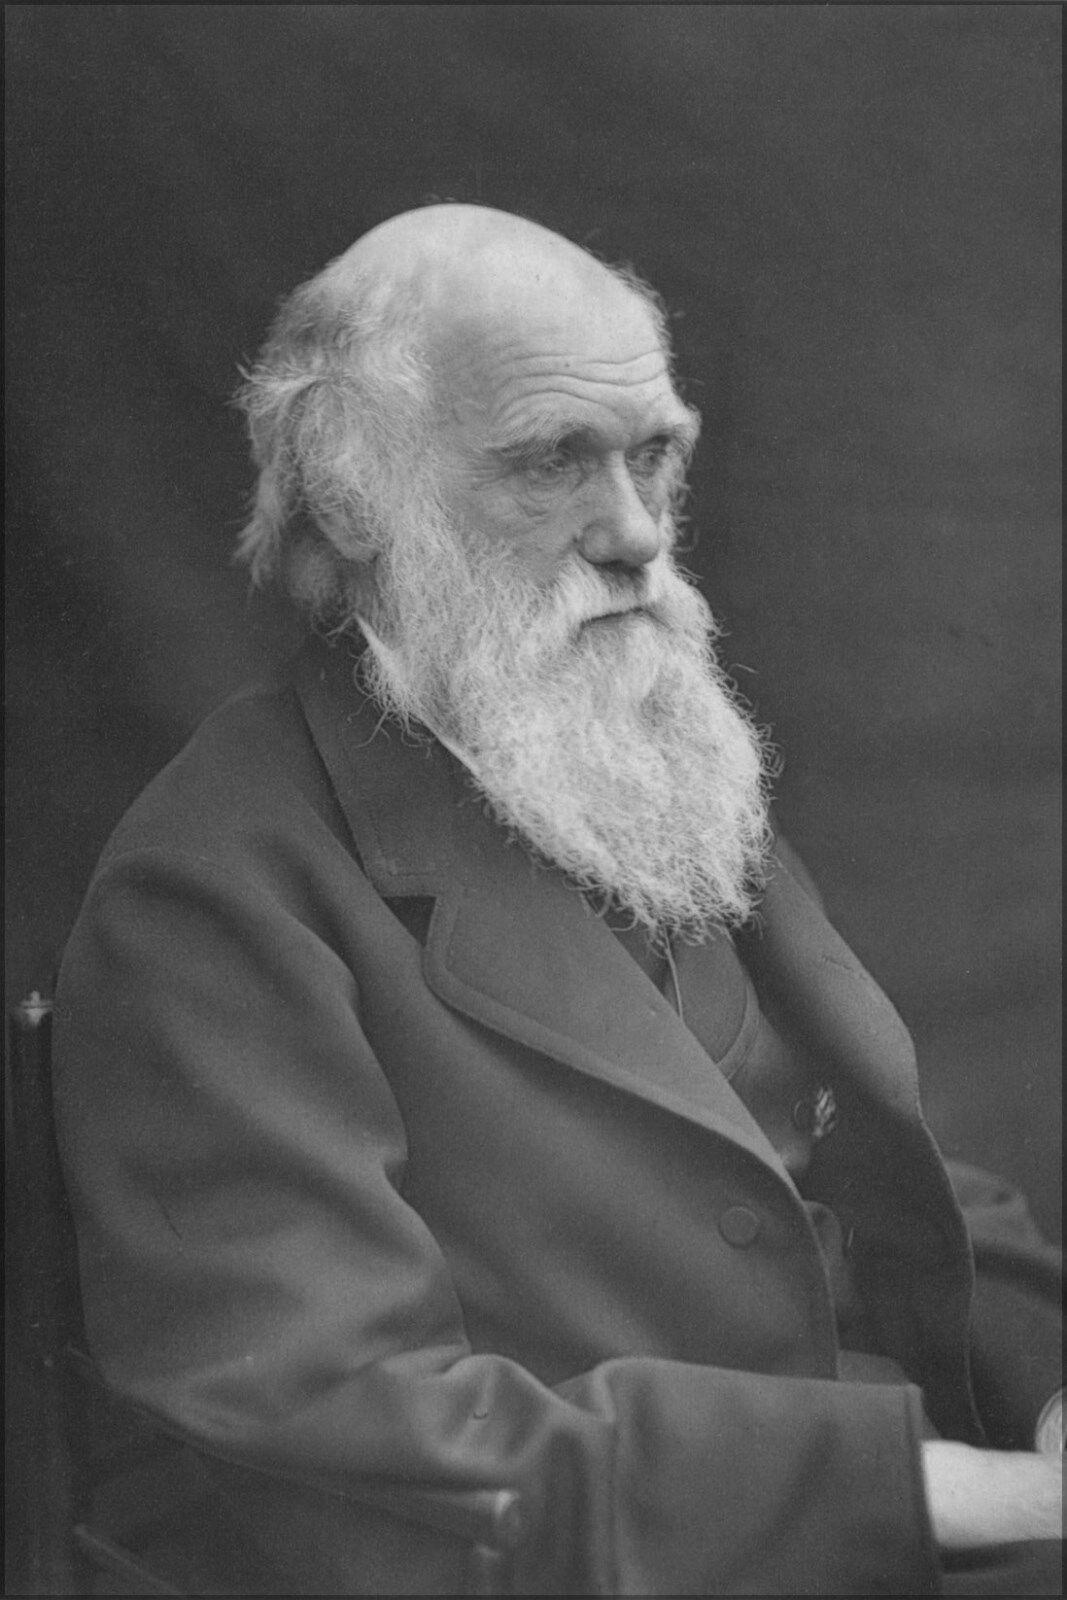 Plakat, Viele Größen; Sir Charles Darwin 1874